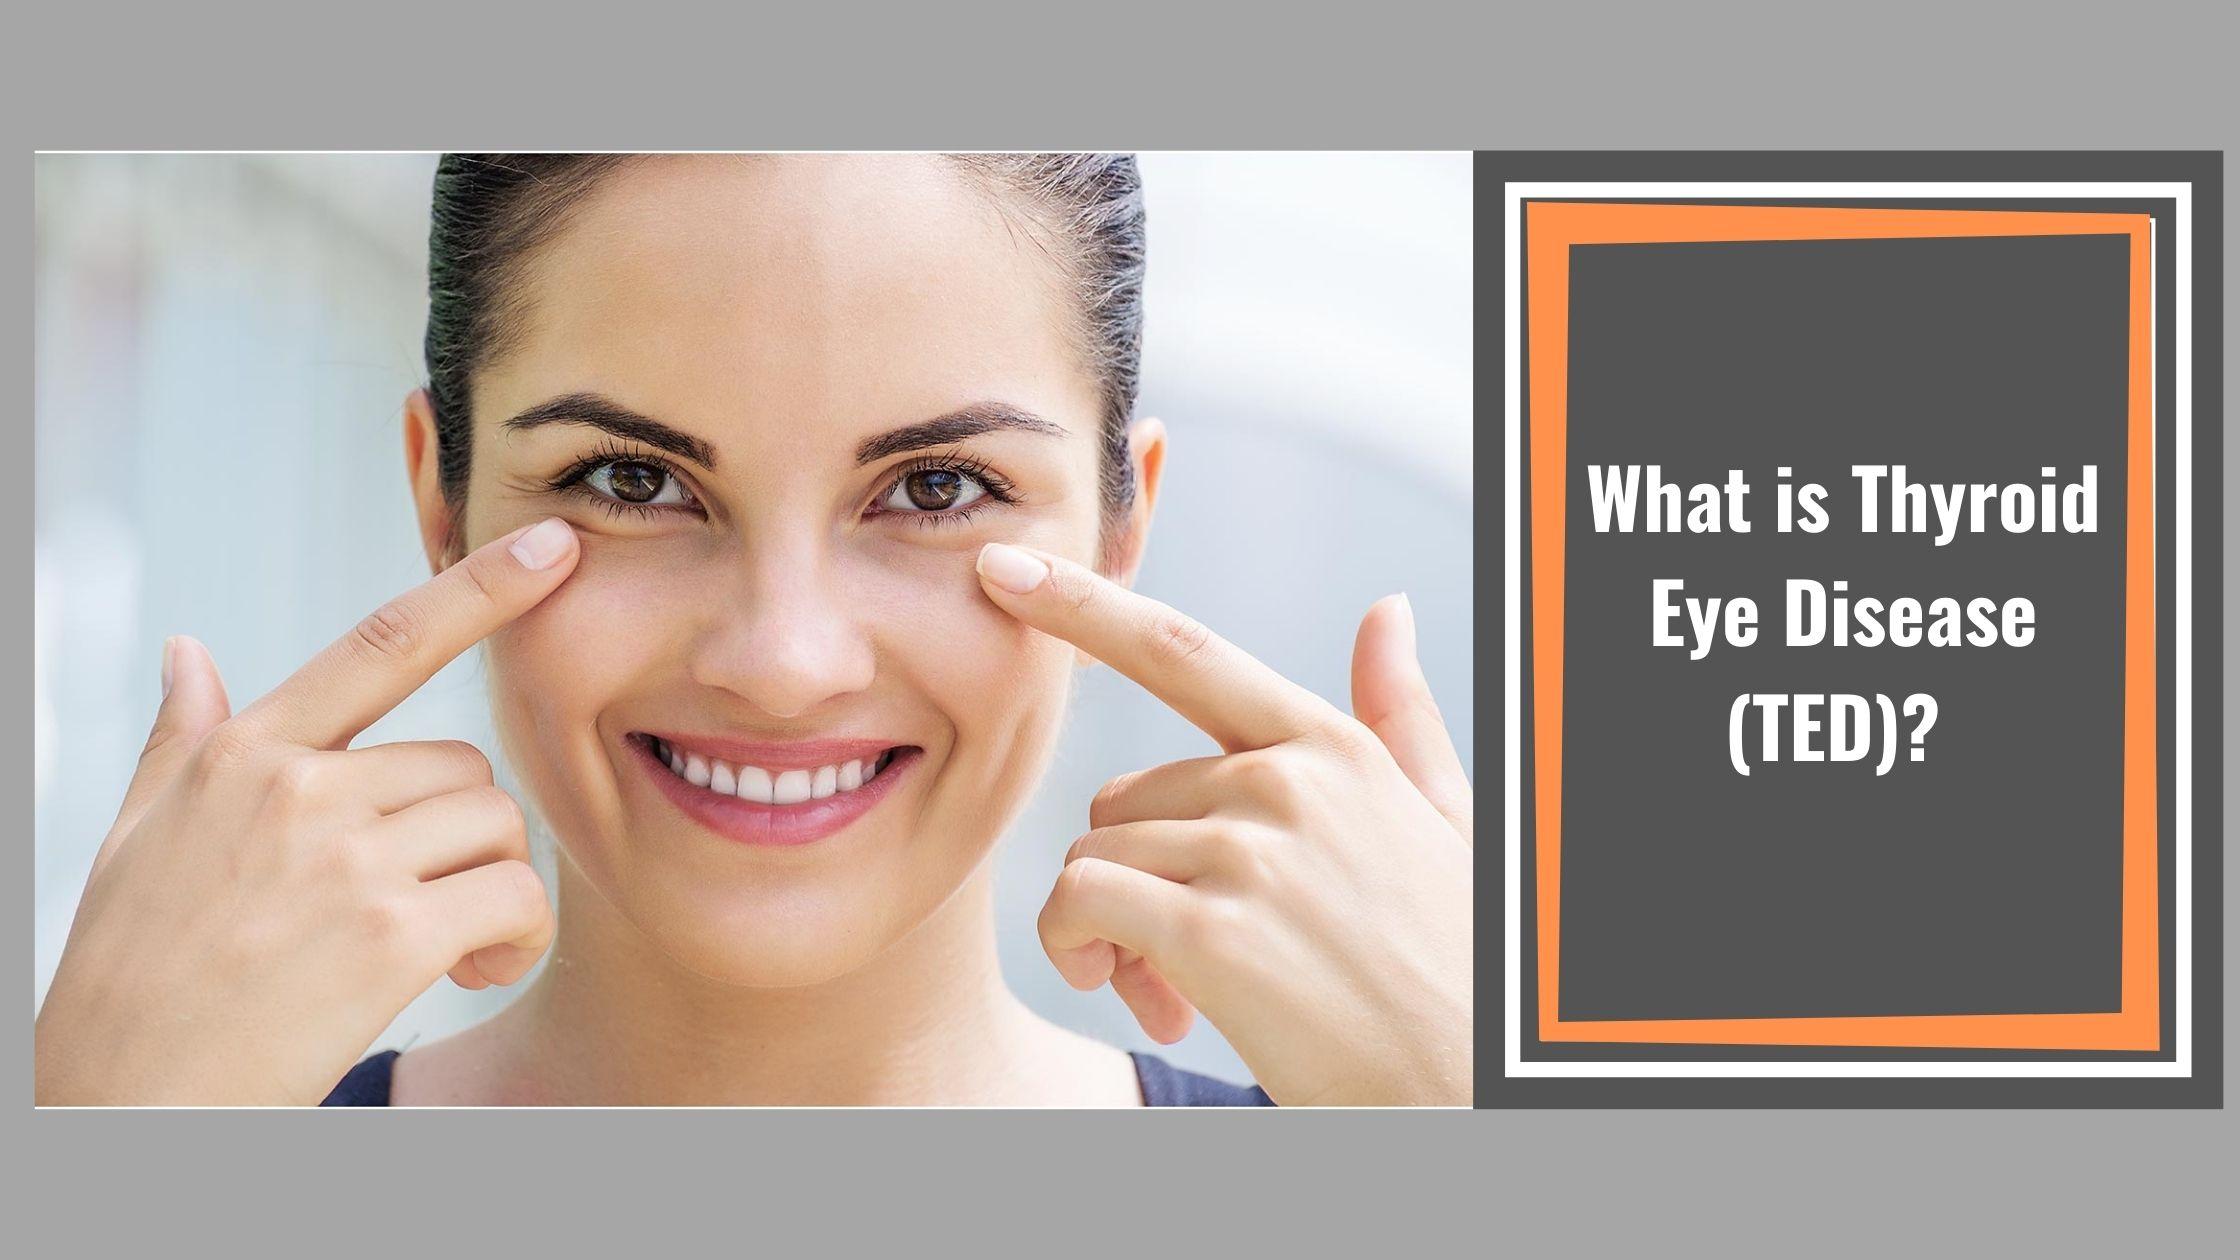 What is Thyroid Eye Disease (TED)?